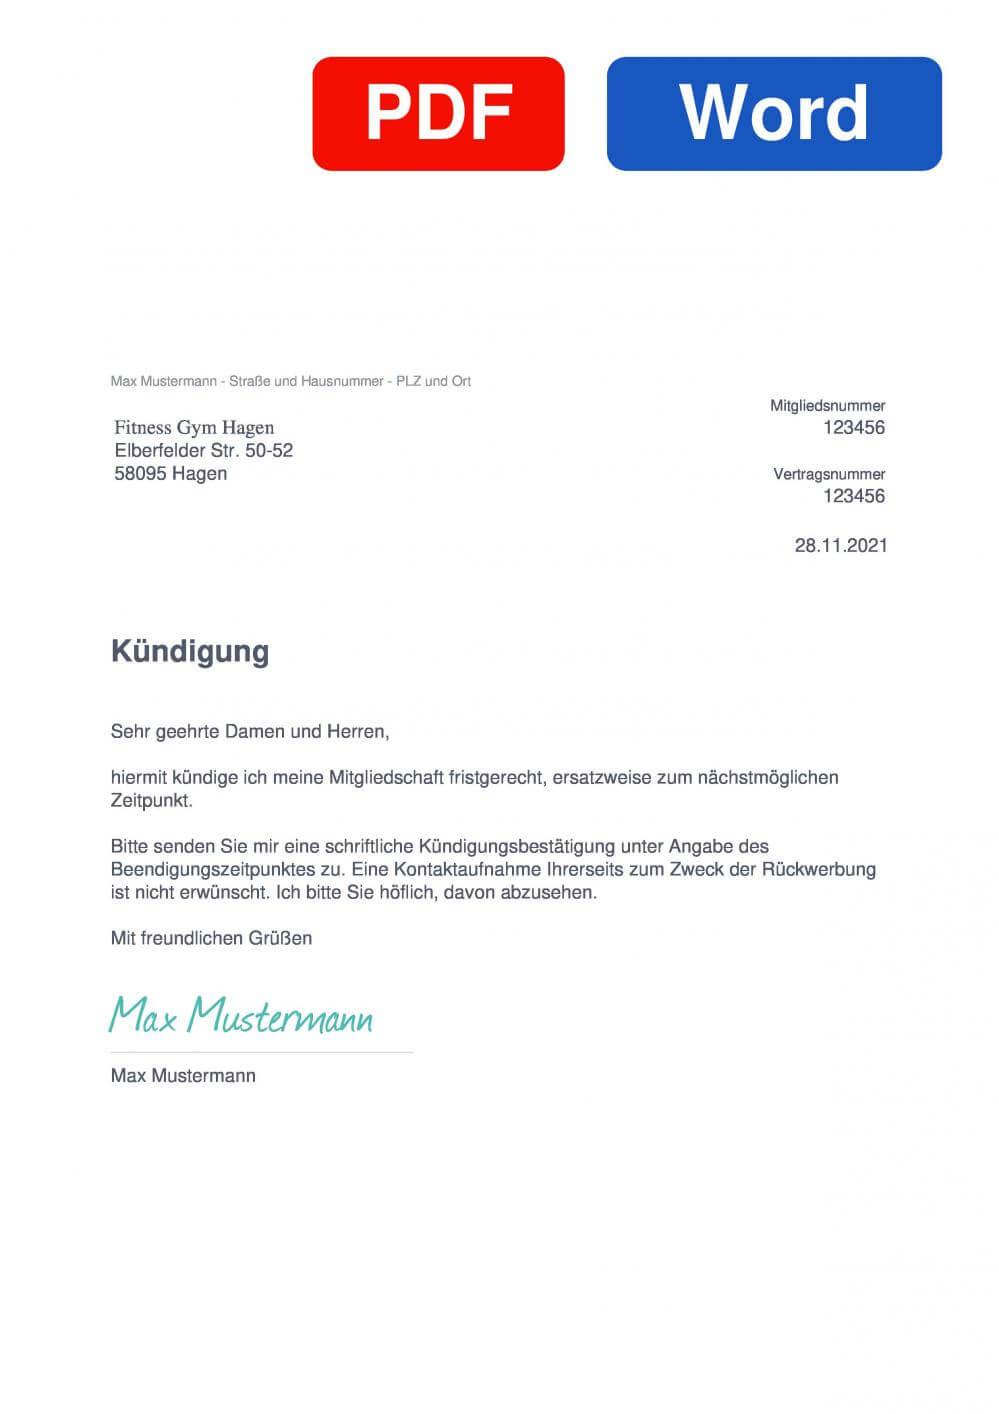 Fitness Gym Hagen Muster Vorlage für Kündigungsschreiben